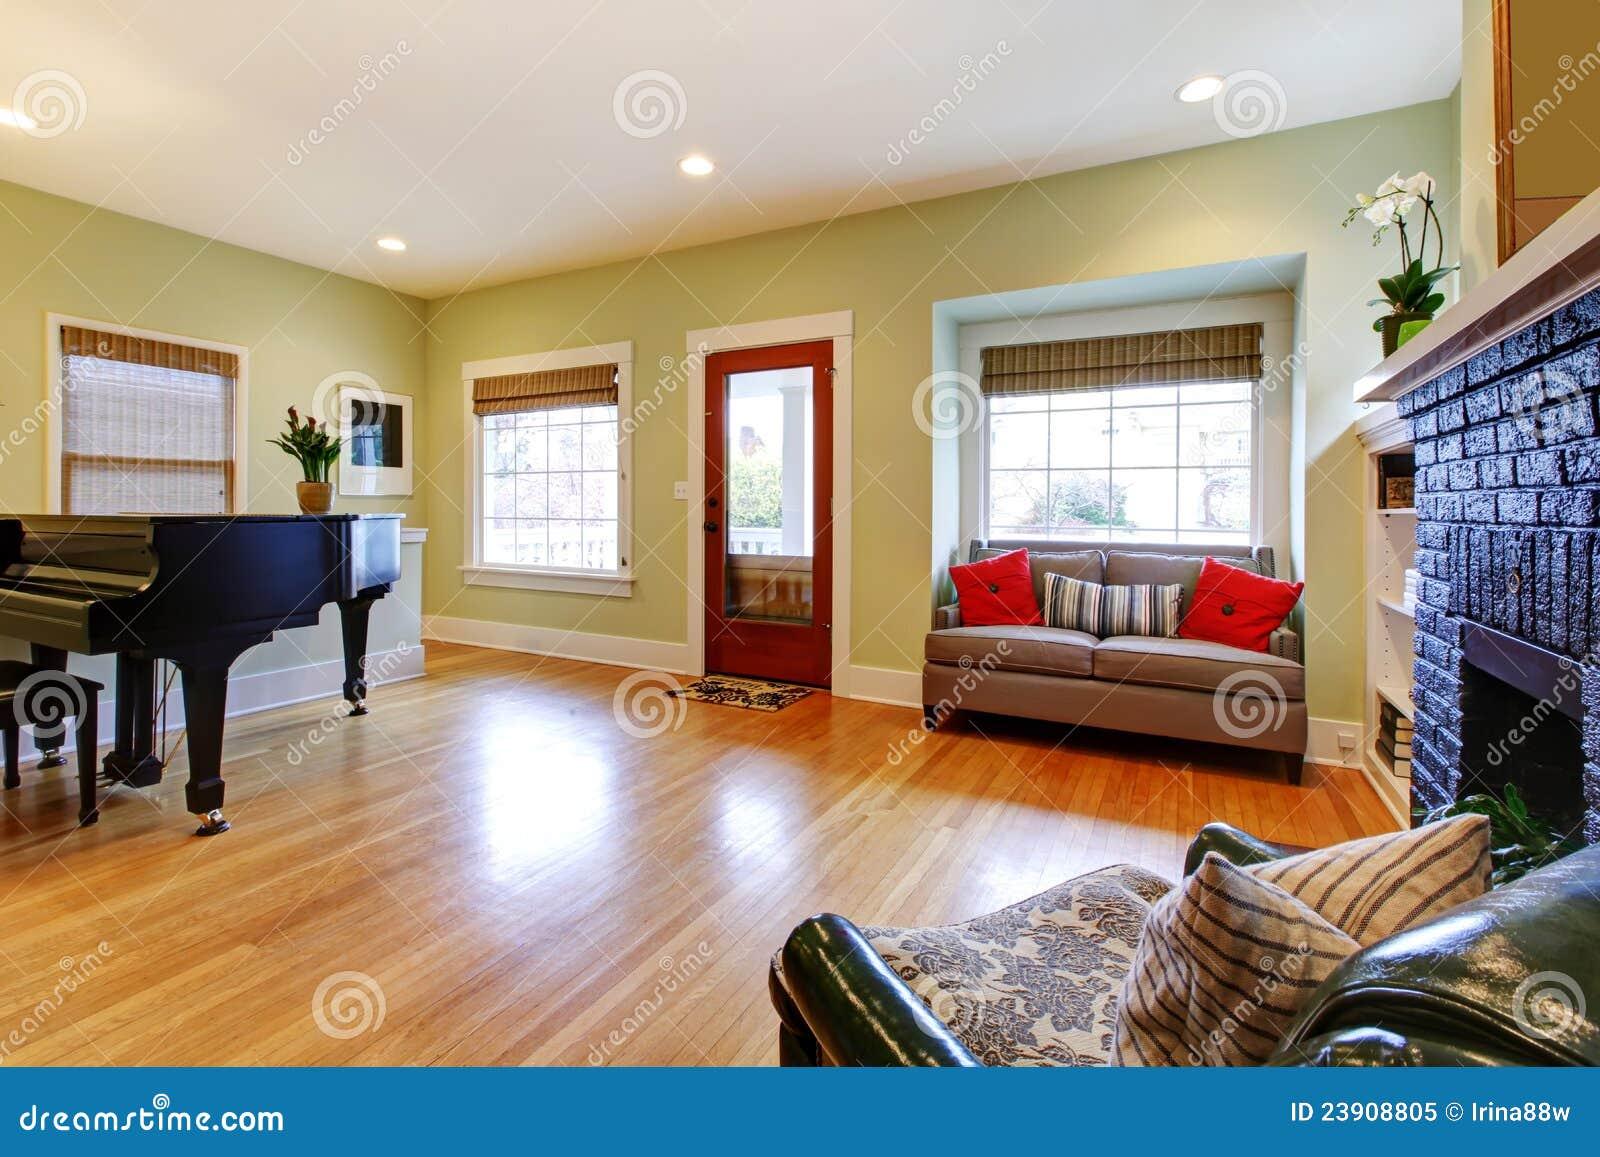 Gele woonkamer met piano en open haard. royalty vrije stock foto ...